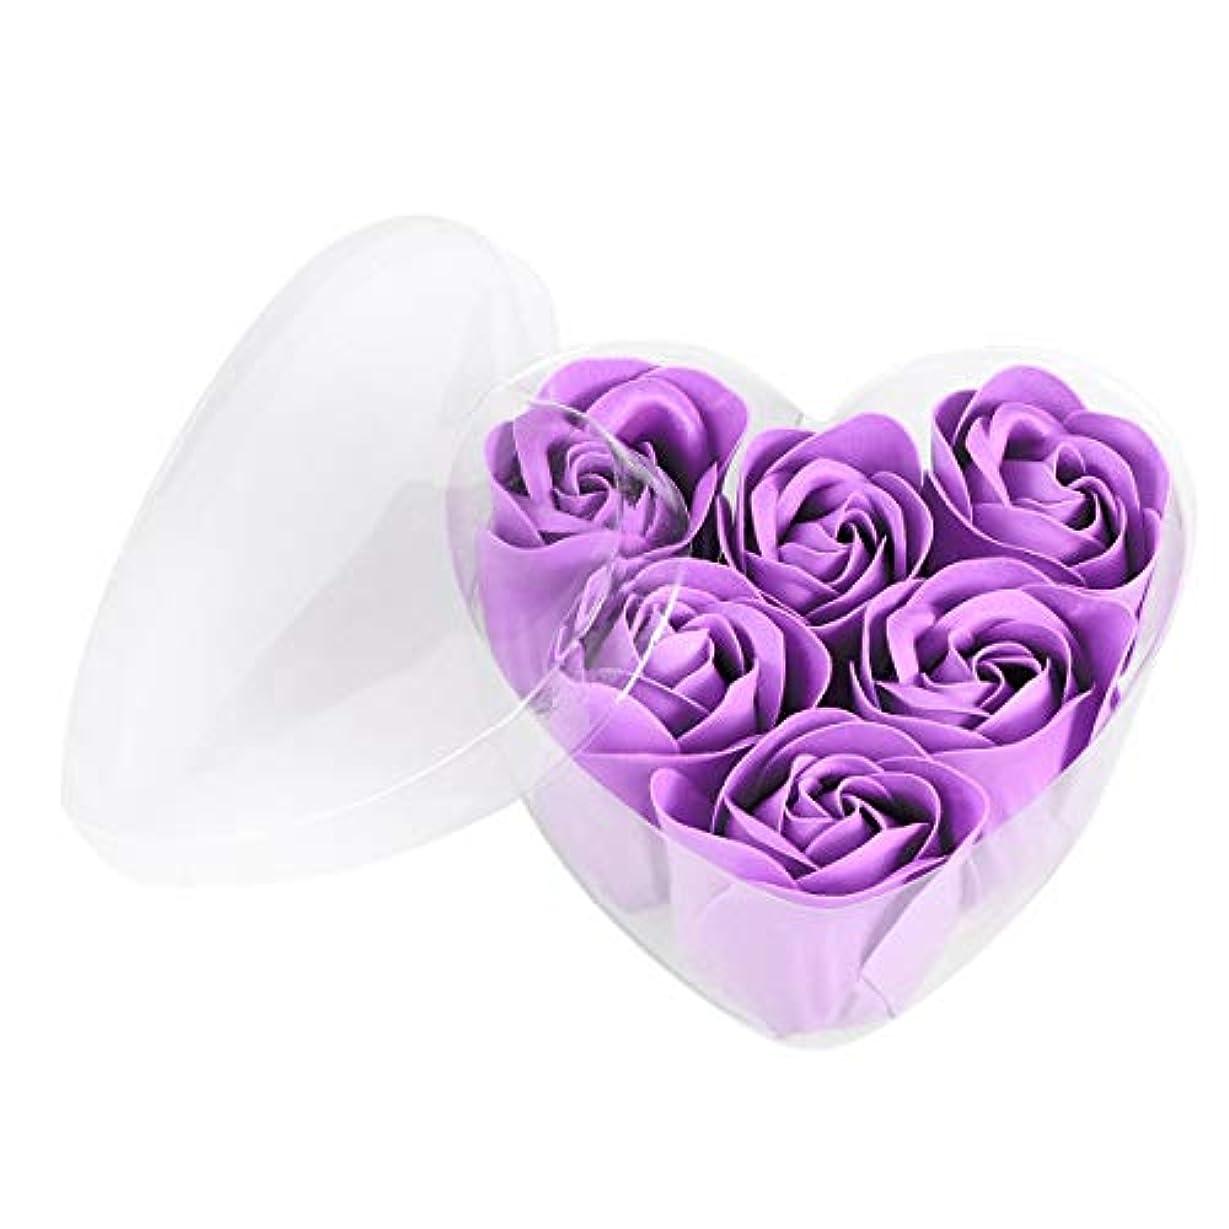 くすぐったいヘルパー差別化するFRCOLOR 6ピースシミュレーションローズソープハート型フラワーソープギフトボックス用誕生日Valentin's Day(紫)